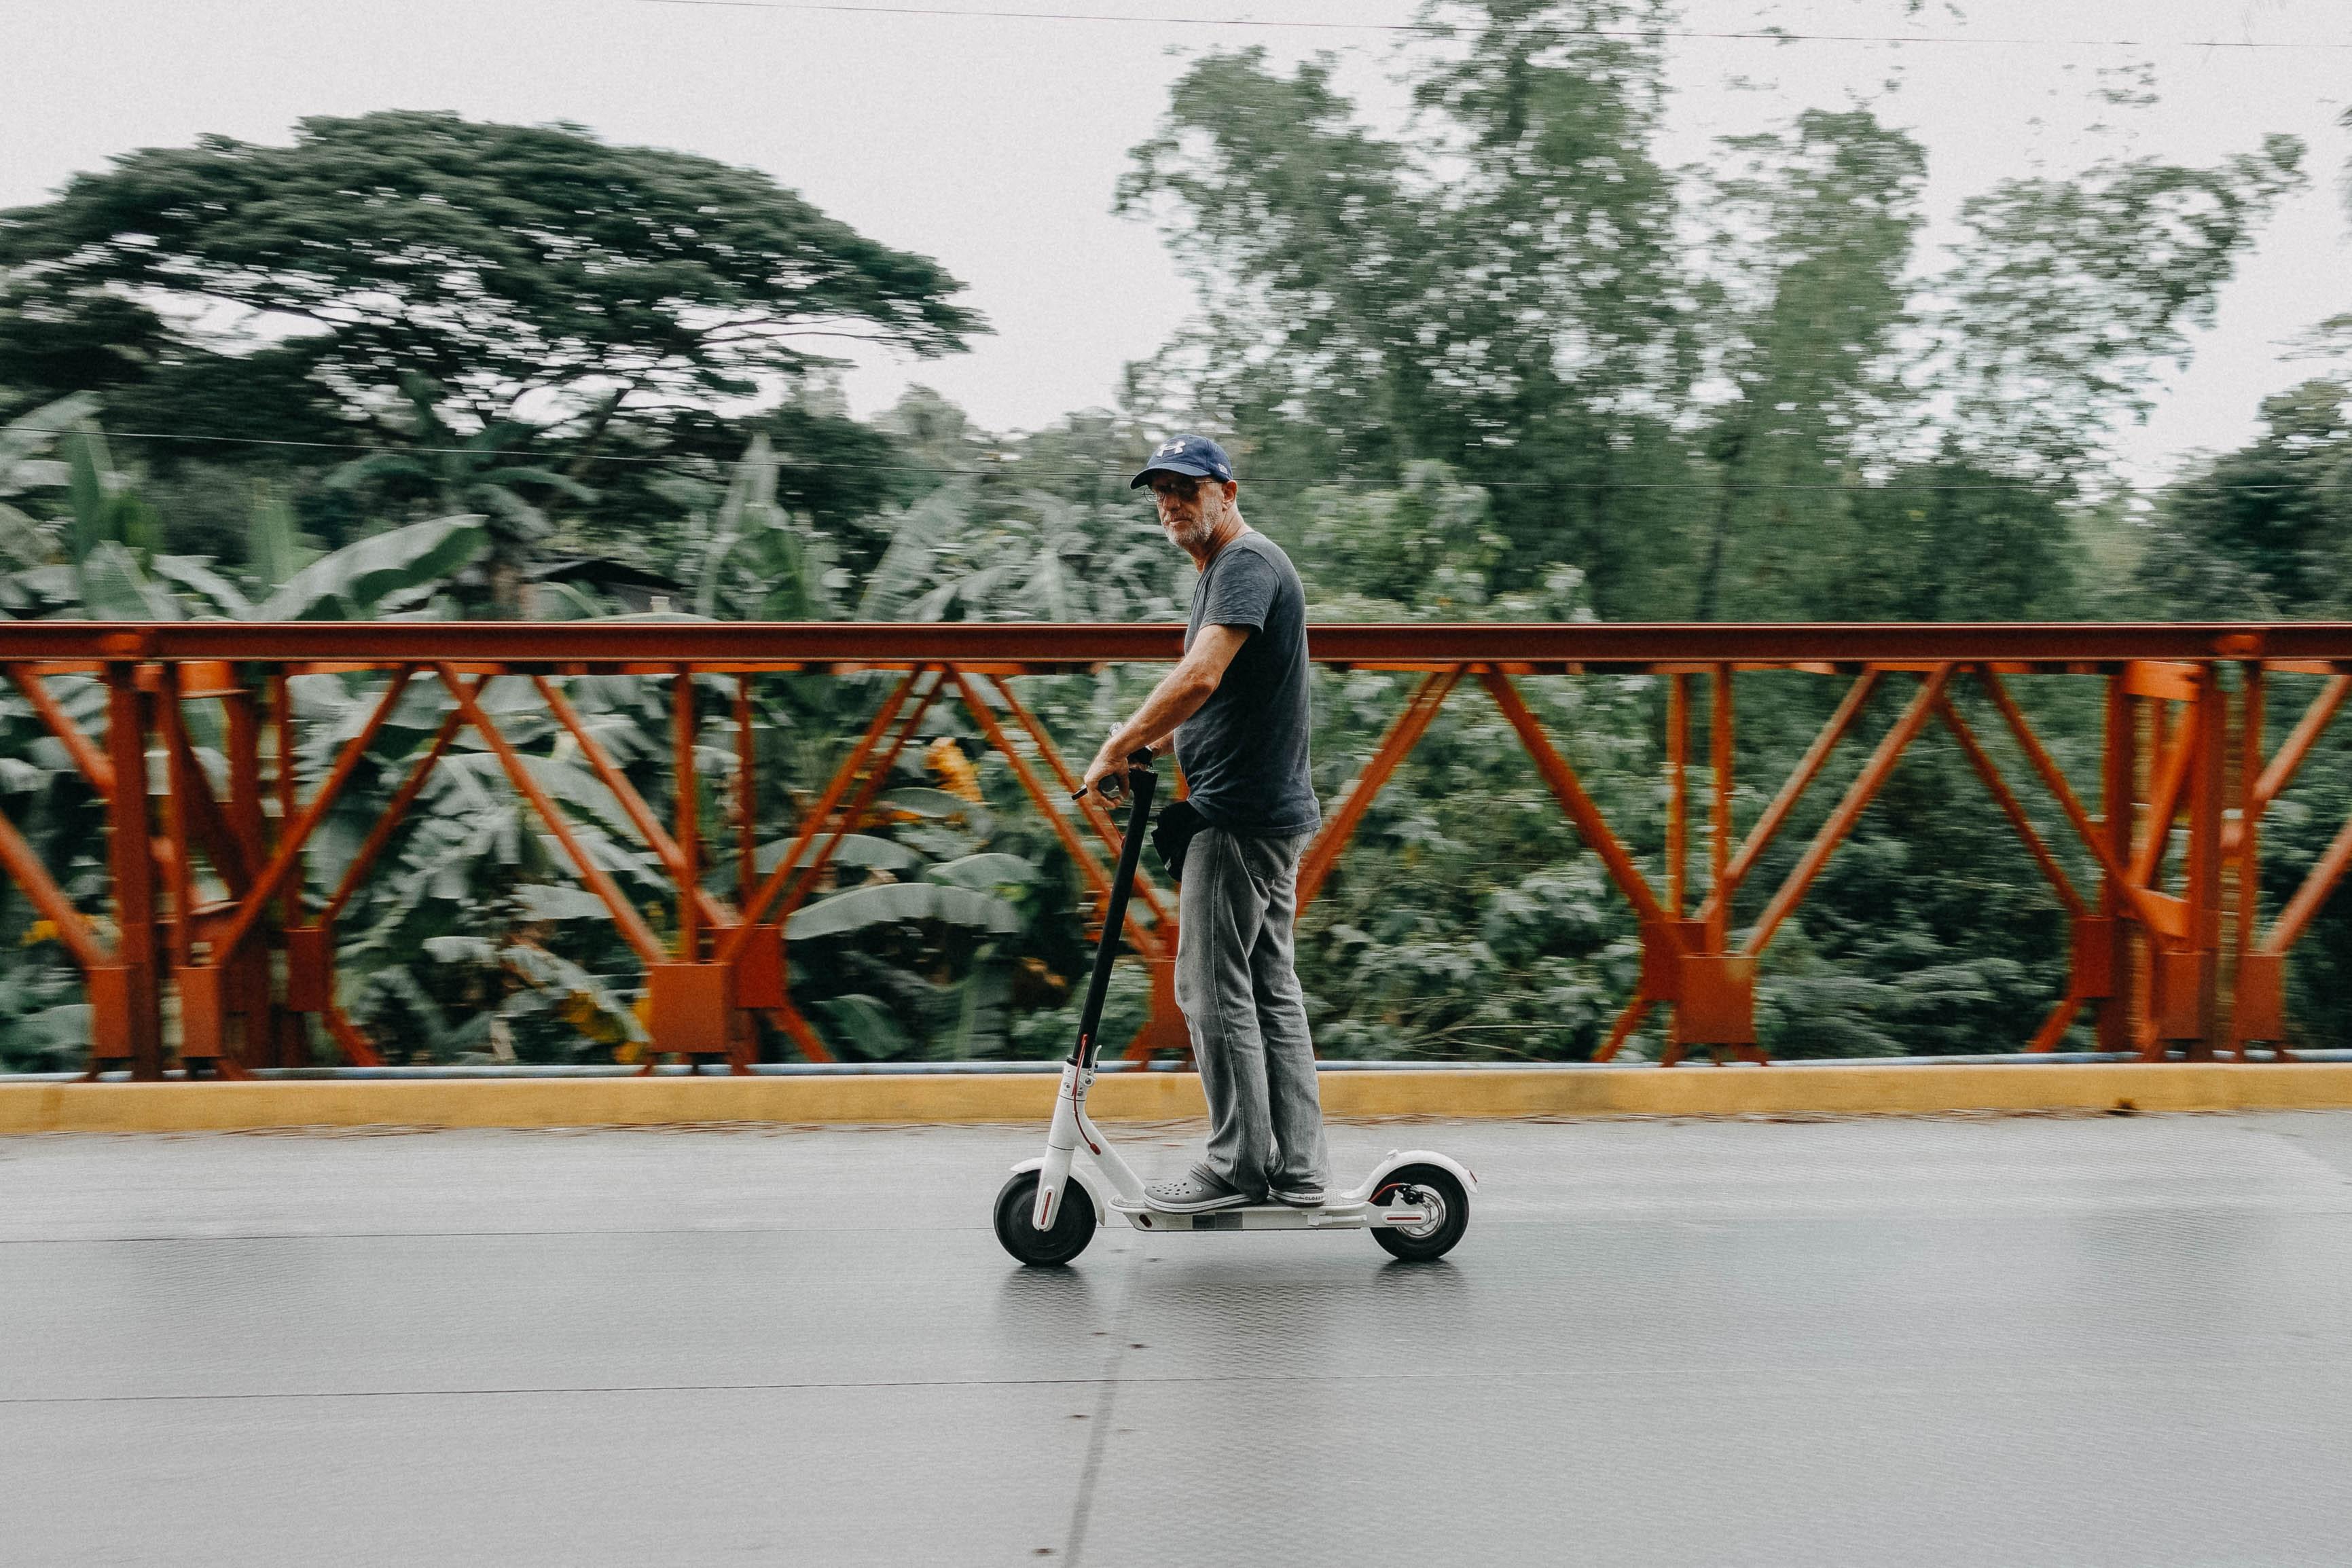 На самокатах по тротуарам можно будет ездить с максимальной скоростью в 25 км/ч